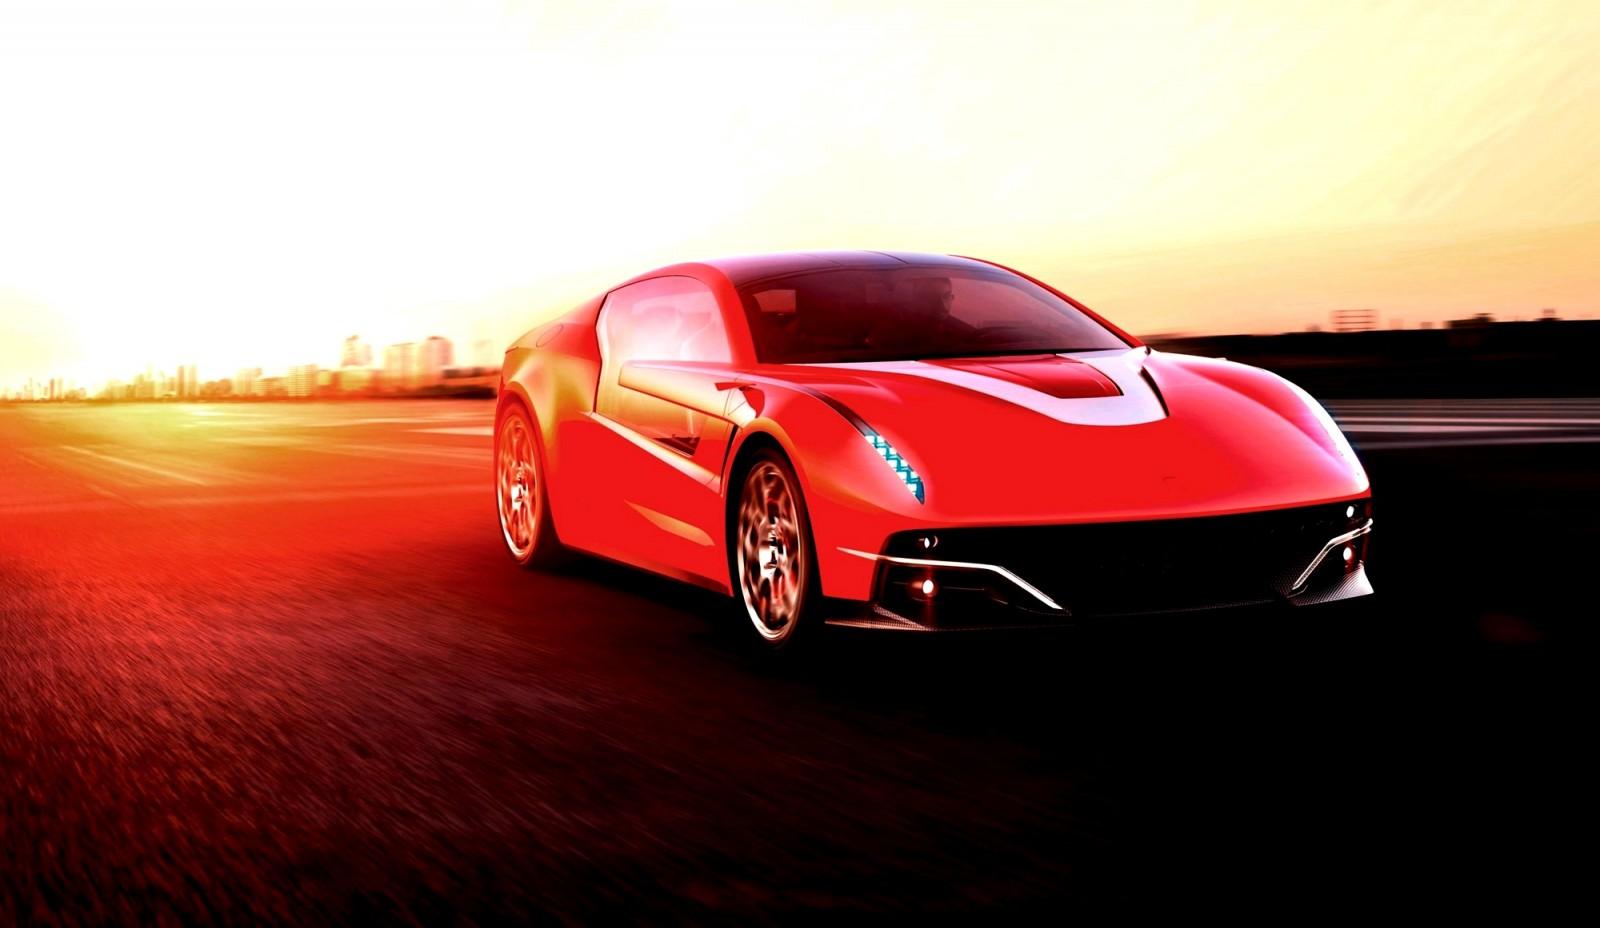 2012 ItalDesign Giugiaro BRIVIDO Concept 34